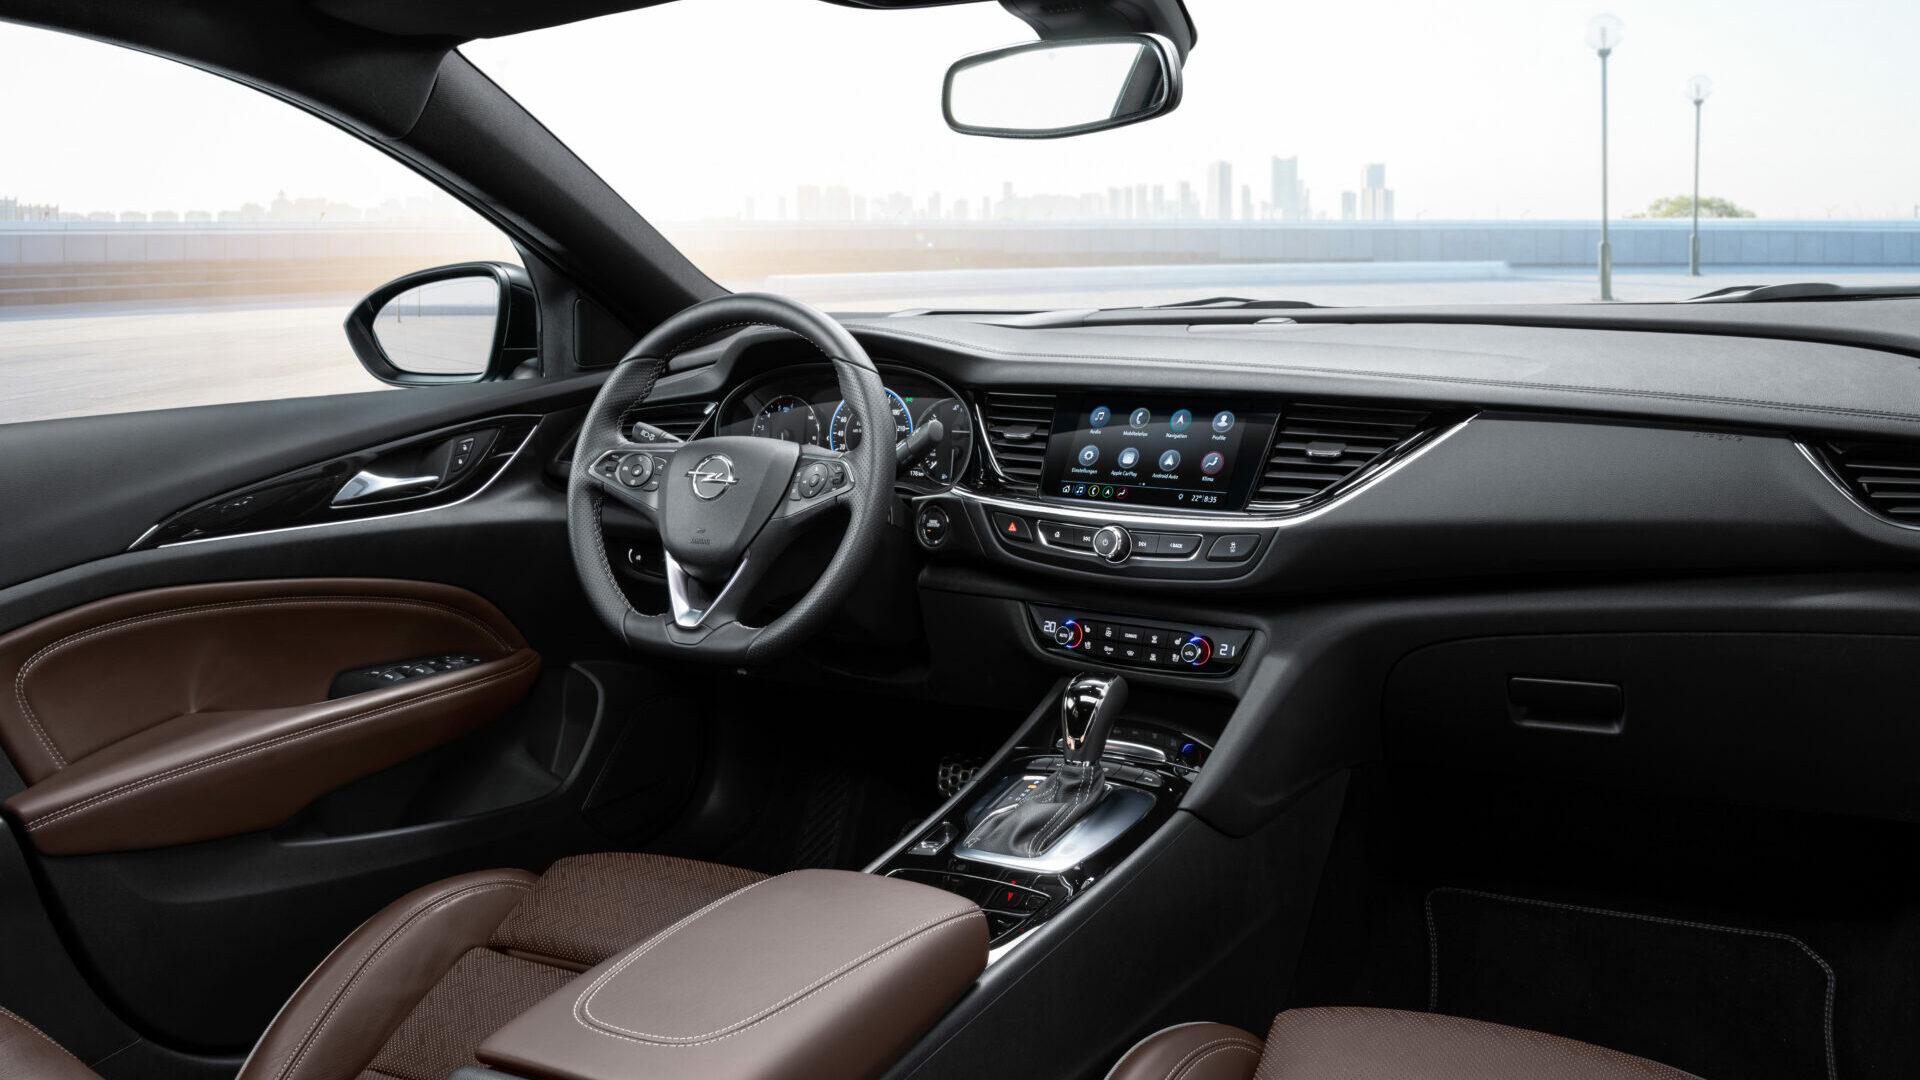 Opel insignia Sports Tourer interior